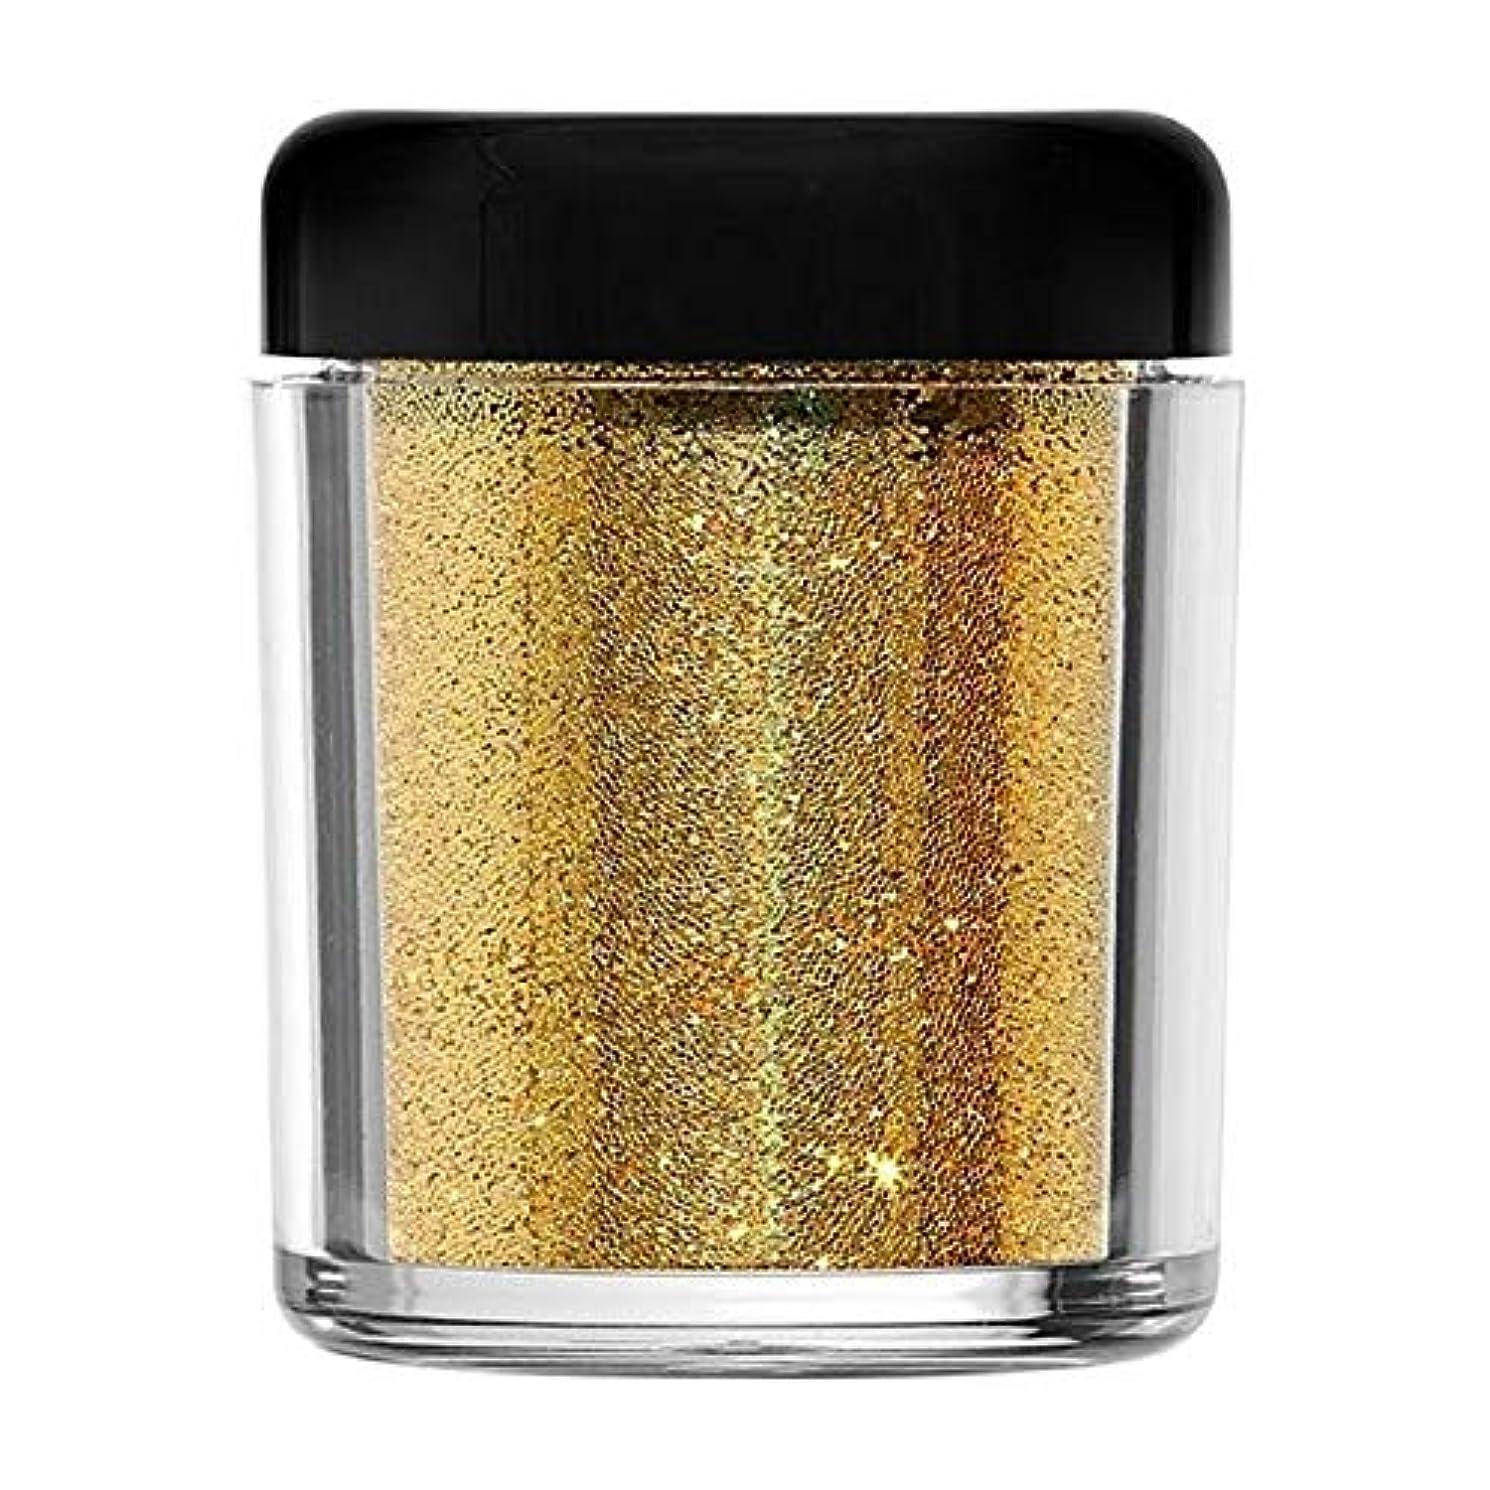 実行するコジオスコ征服する[Barry M ] バリーメートルのグリッターラッシュボディの輝き - 火の玉 - Barry M Glitter Rush Body Glitter - Fireball [並行輸入品]